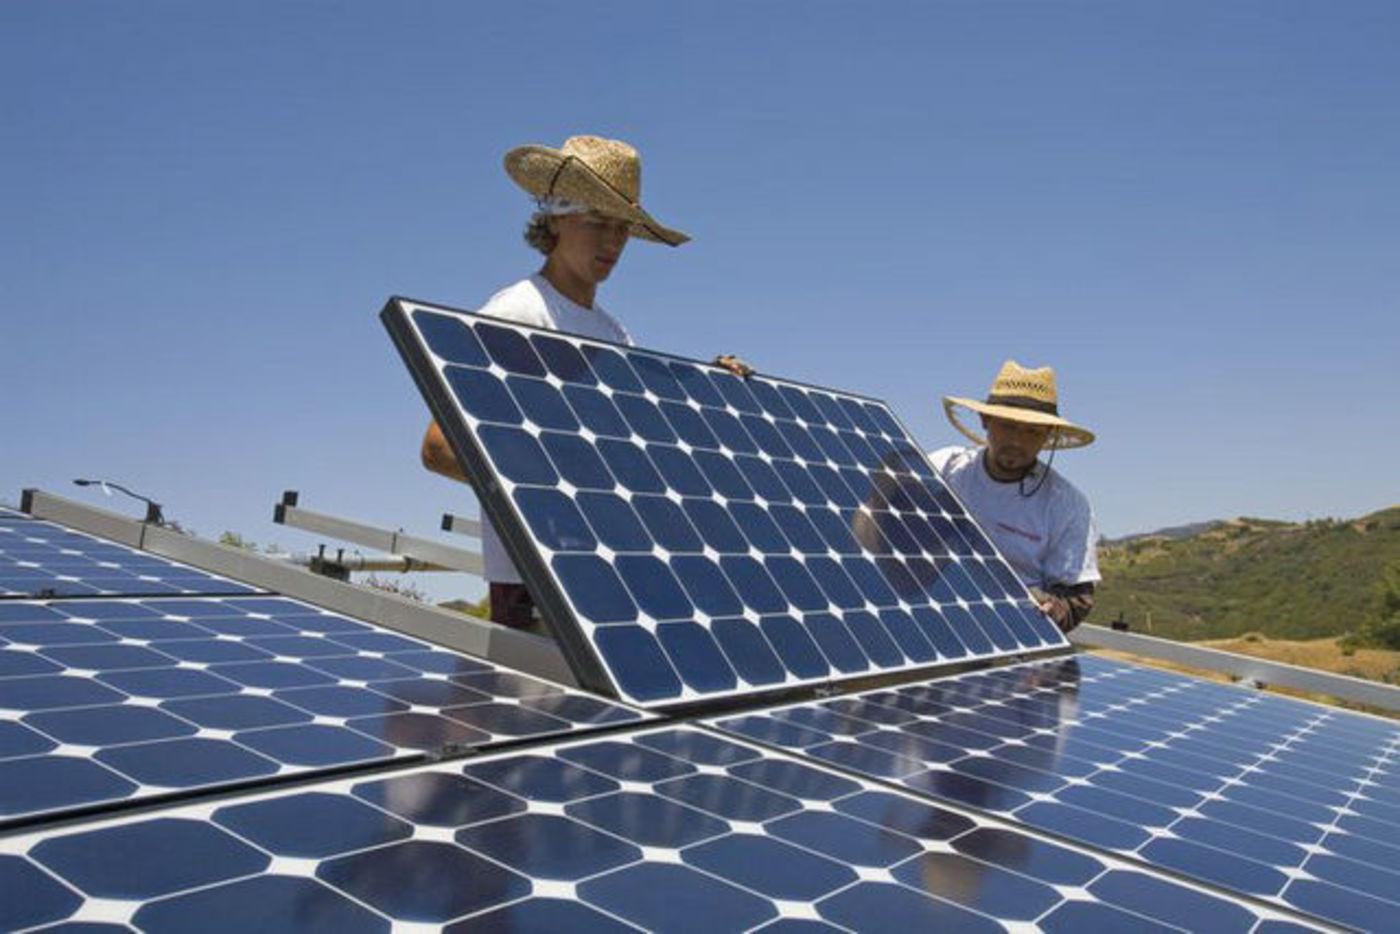 申請生產太陽能電池是否要前置許可?